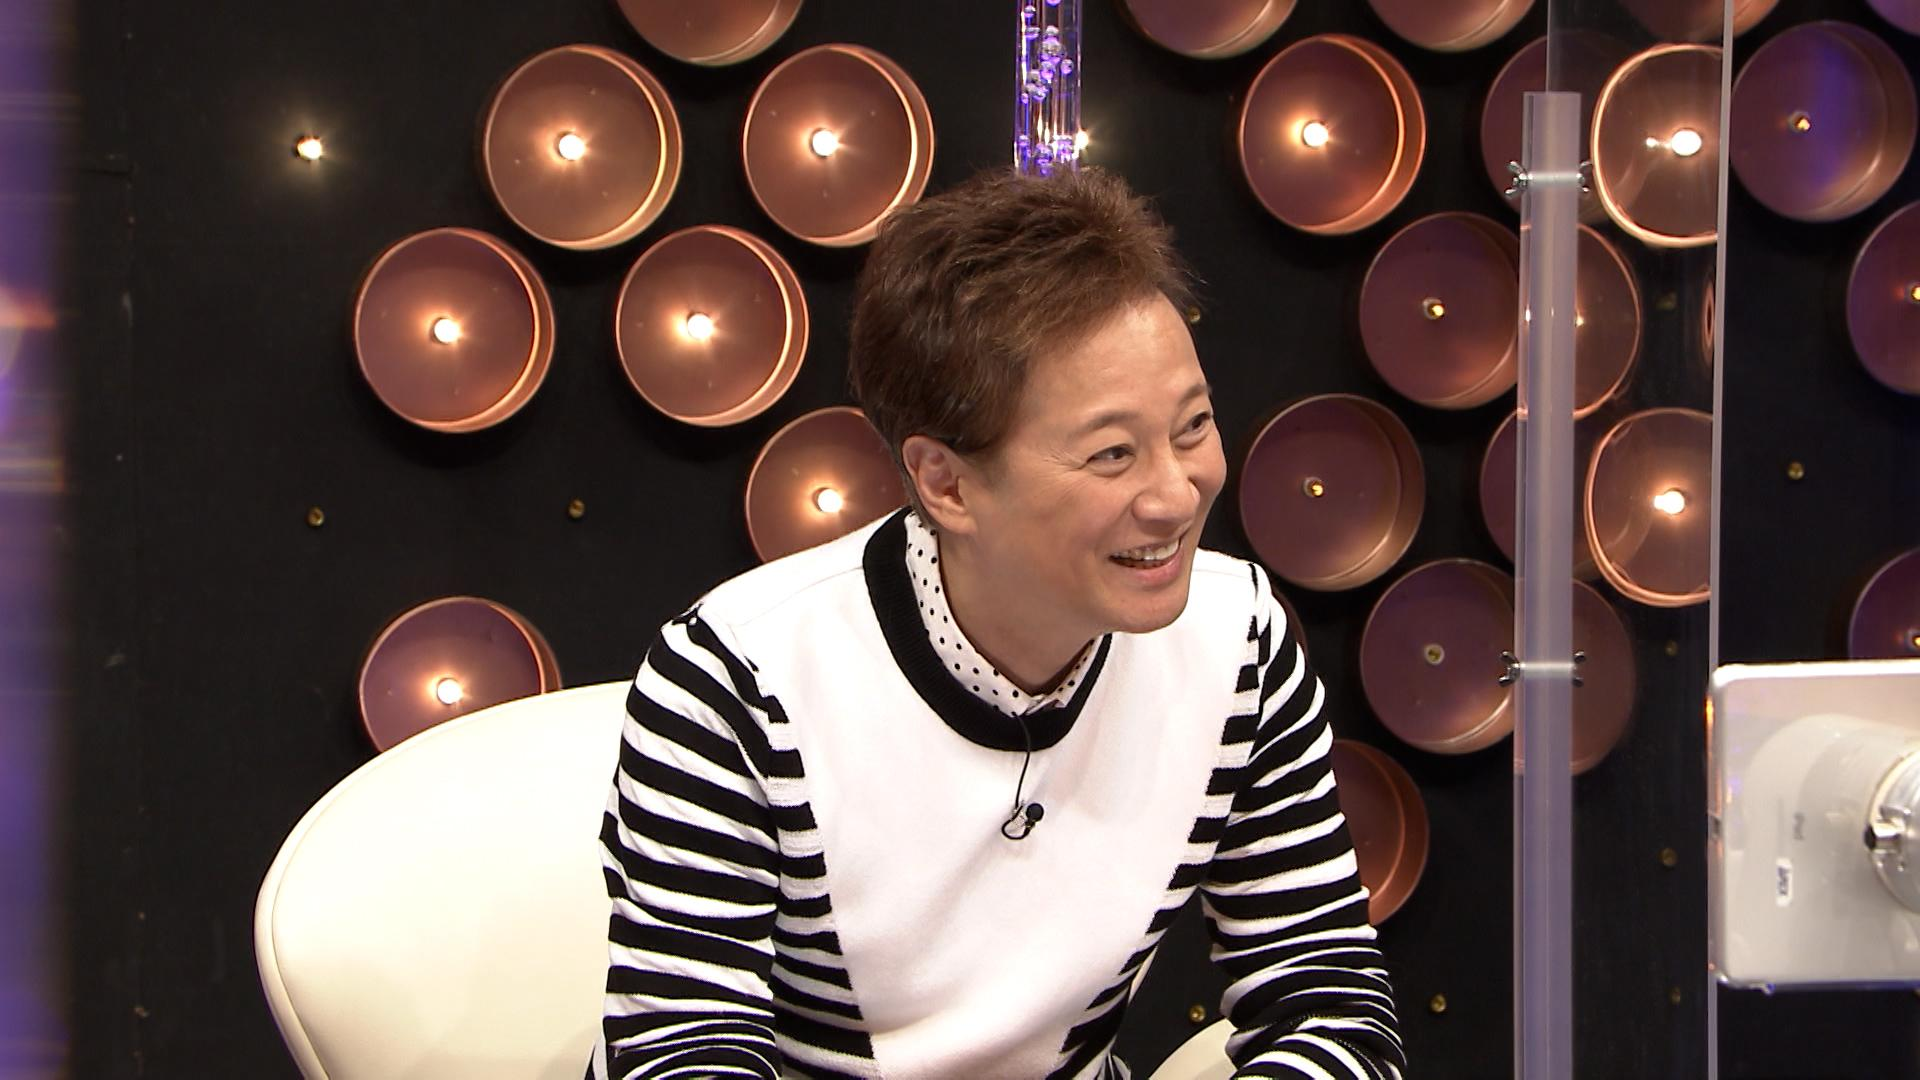 「中居正広のただただ話すダーケ ノーカットですのでギリギリまで間は詰めてください。」中居正広がテレビ東京で25年ぶりにMCとして出演!